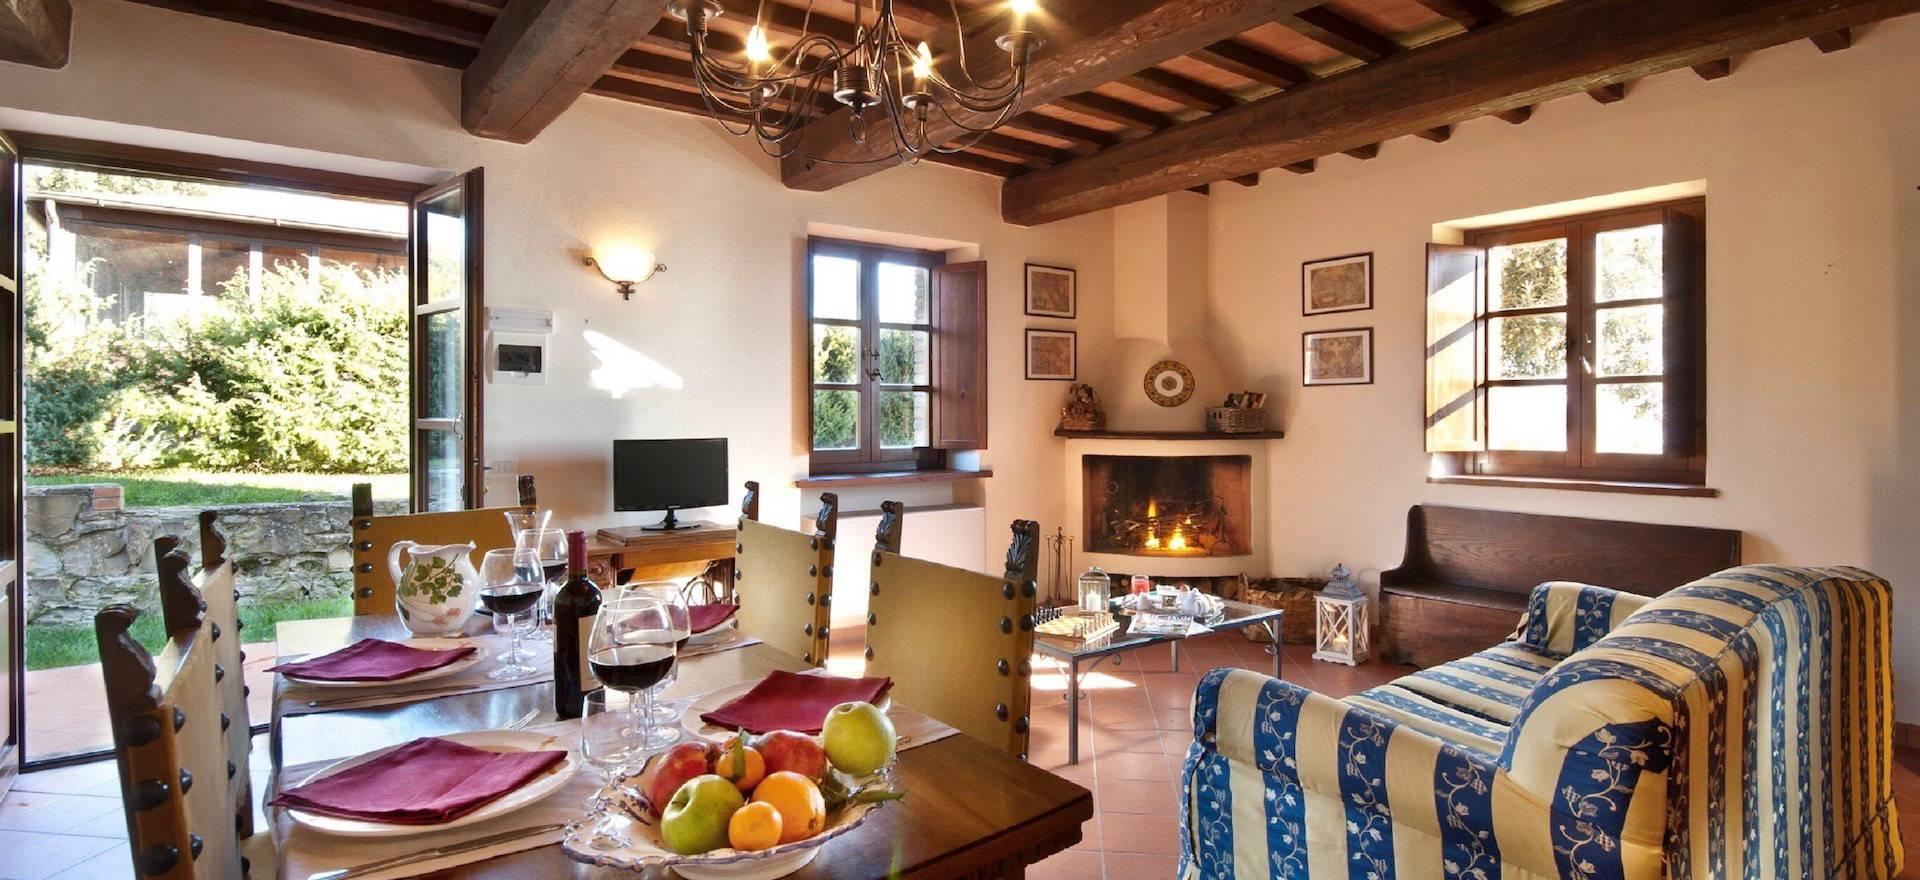 Agriturismo in Umbrie voor liefhebbers van rust en natuur